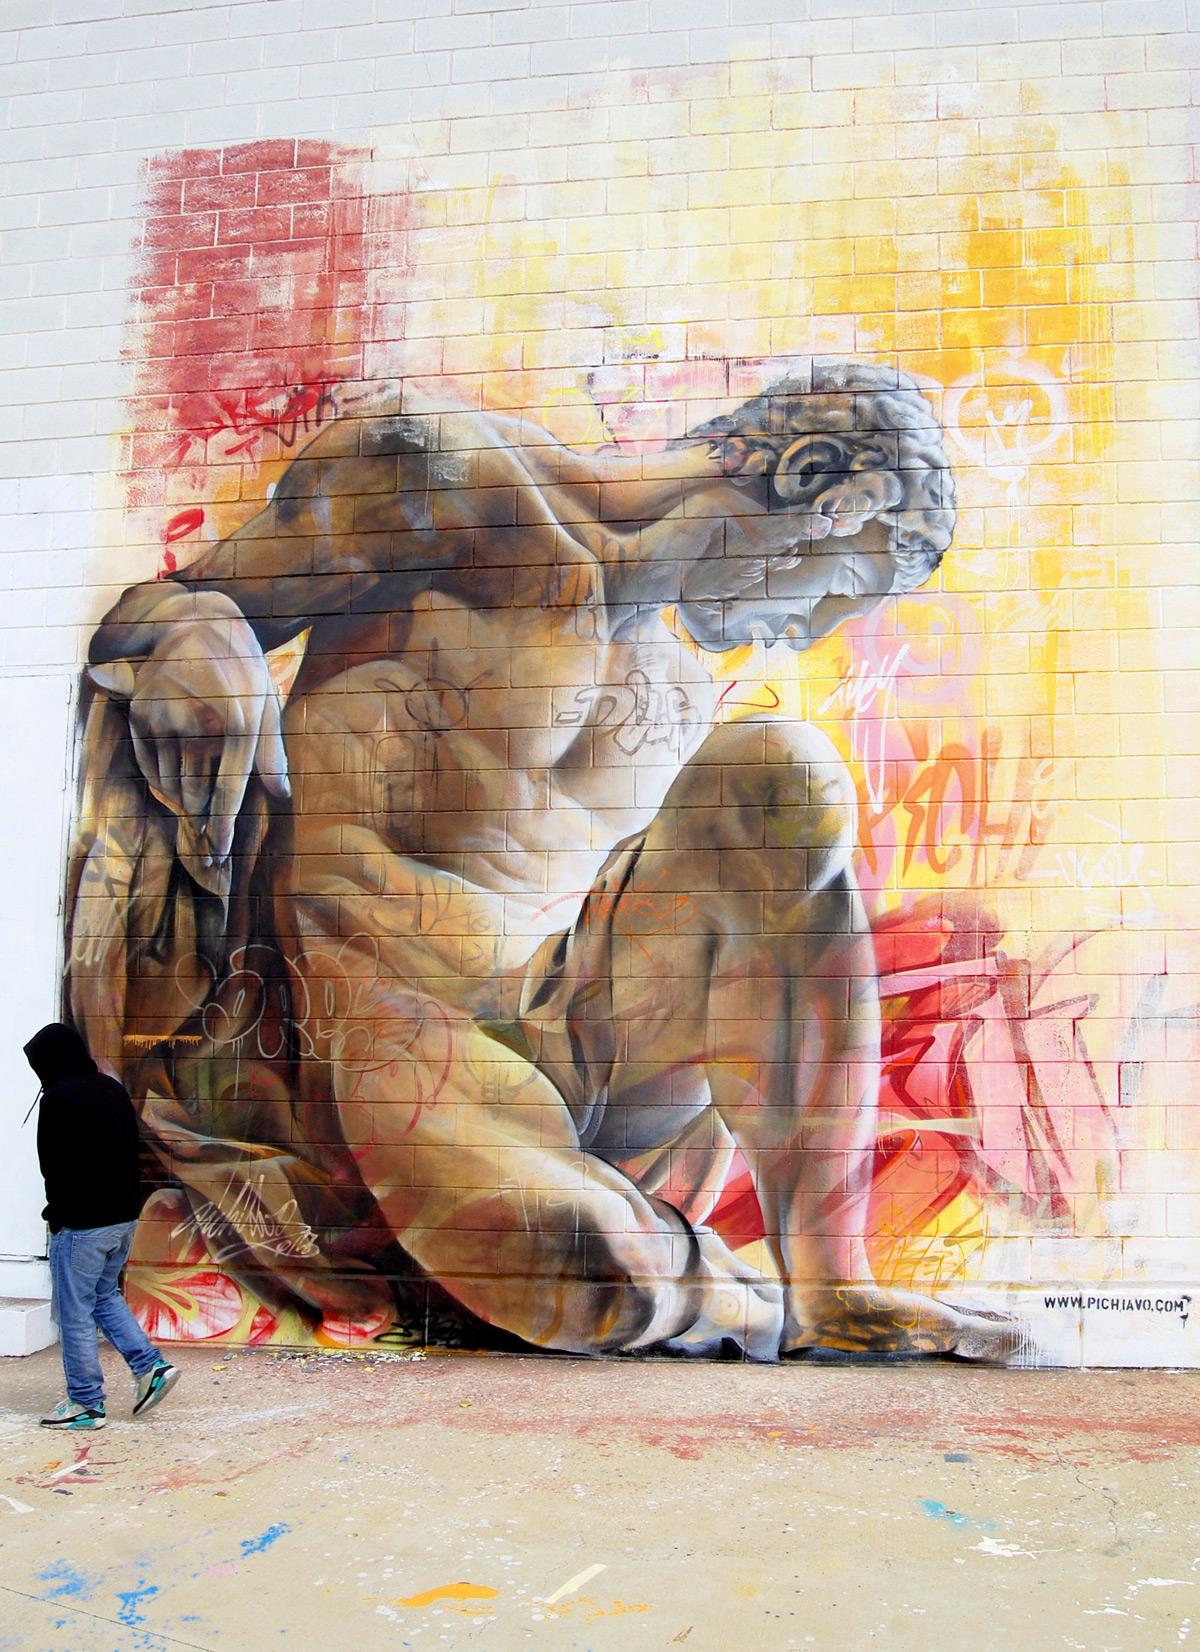 arte-urbana-mitologia-2